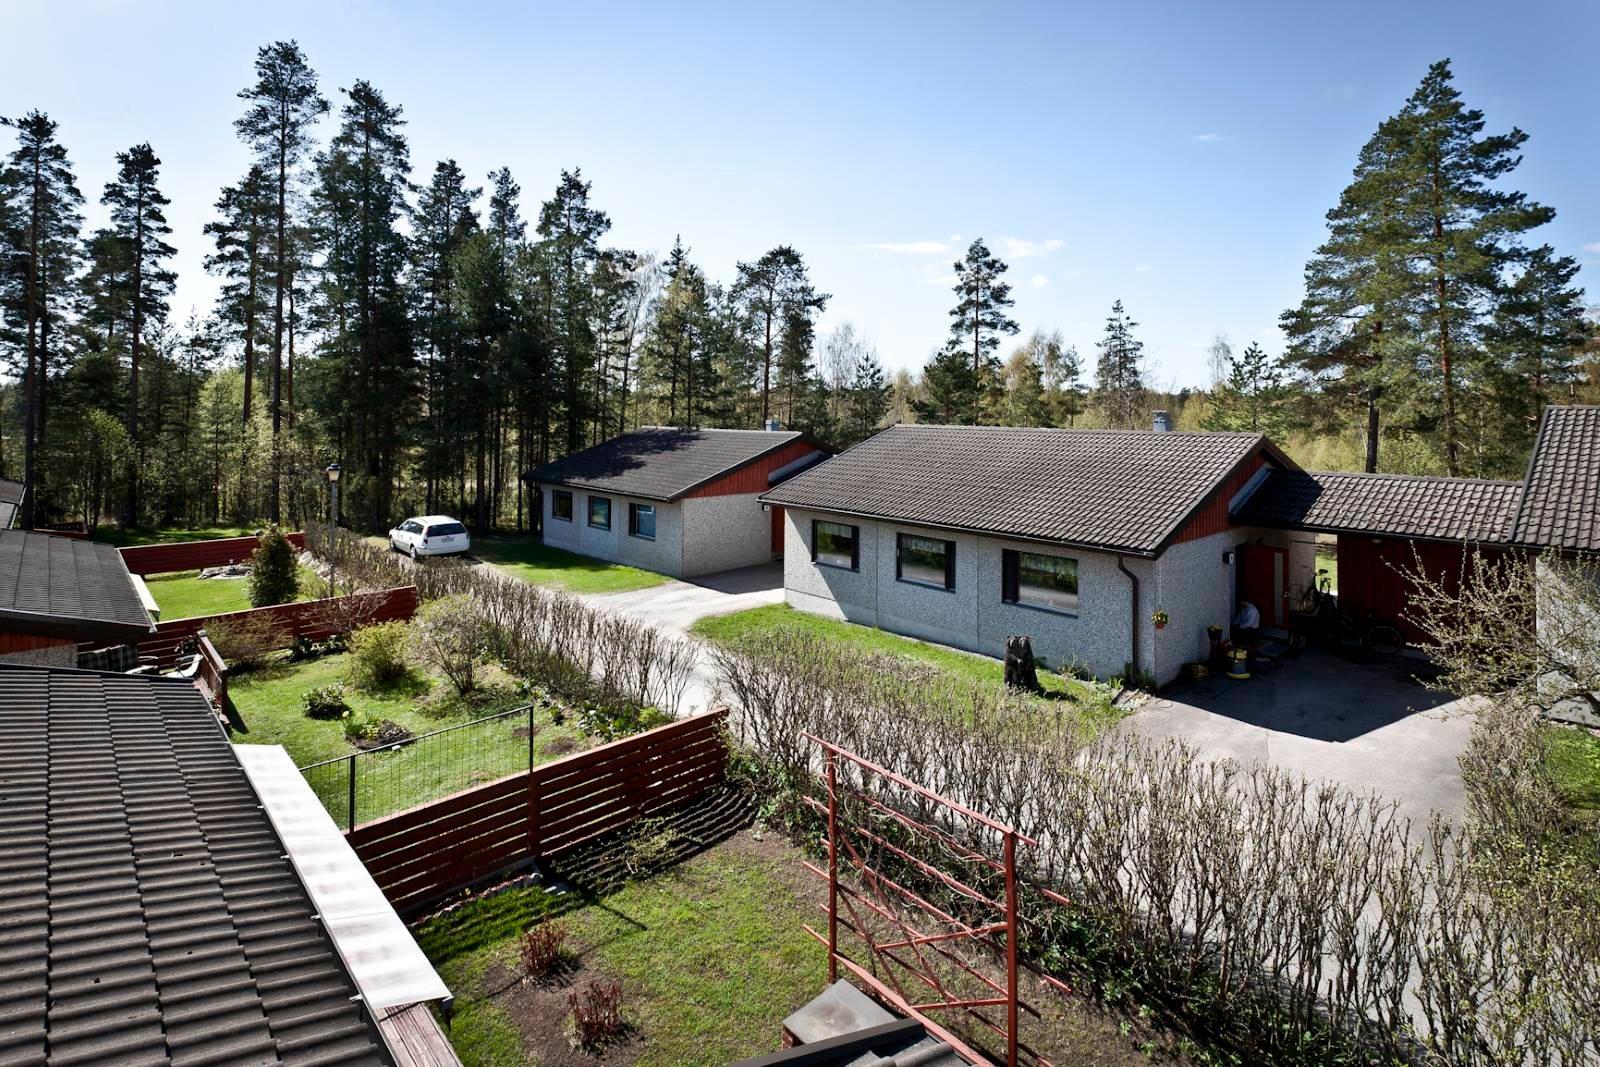 Taloyhtiö Heinolassa näki maalämpöjärjestelmän mahdollisuudet